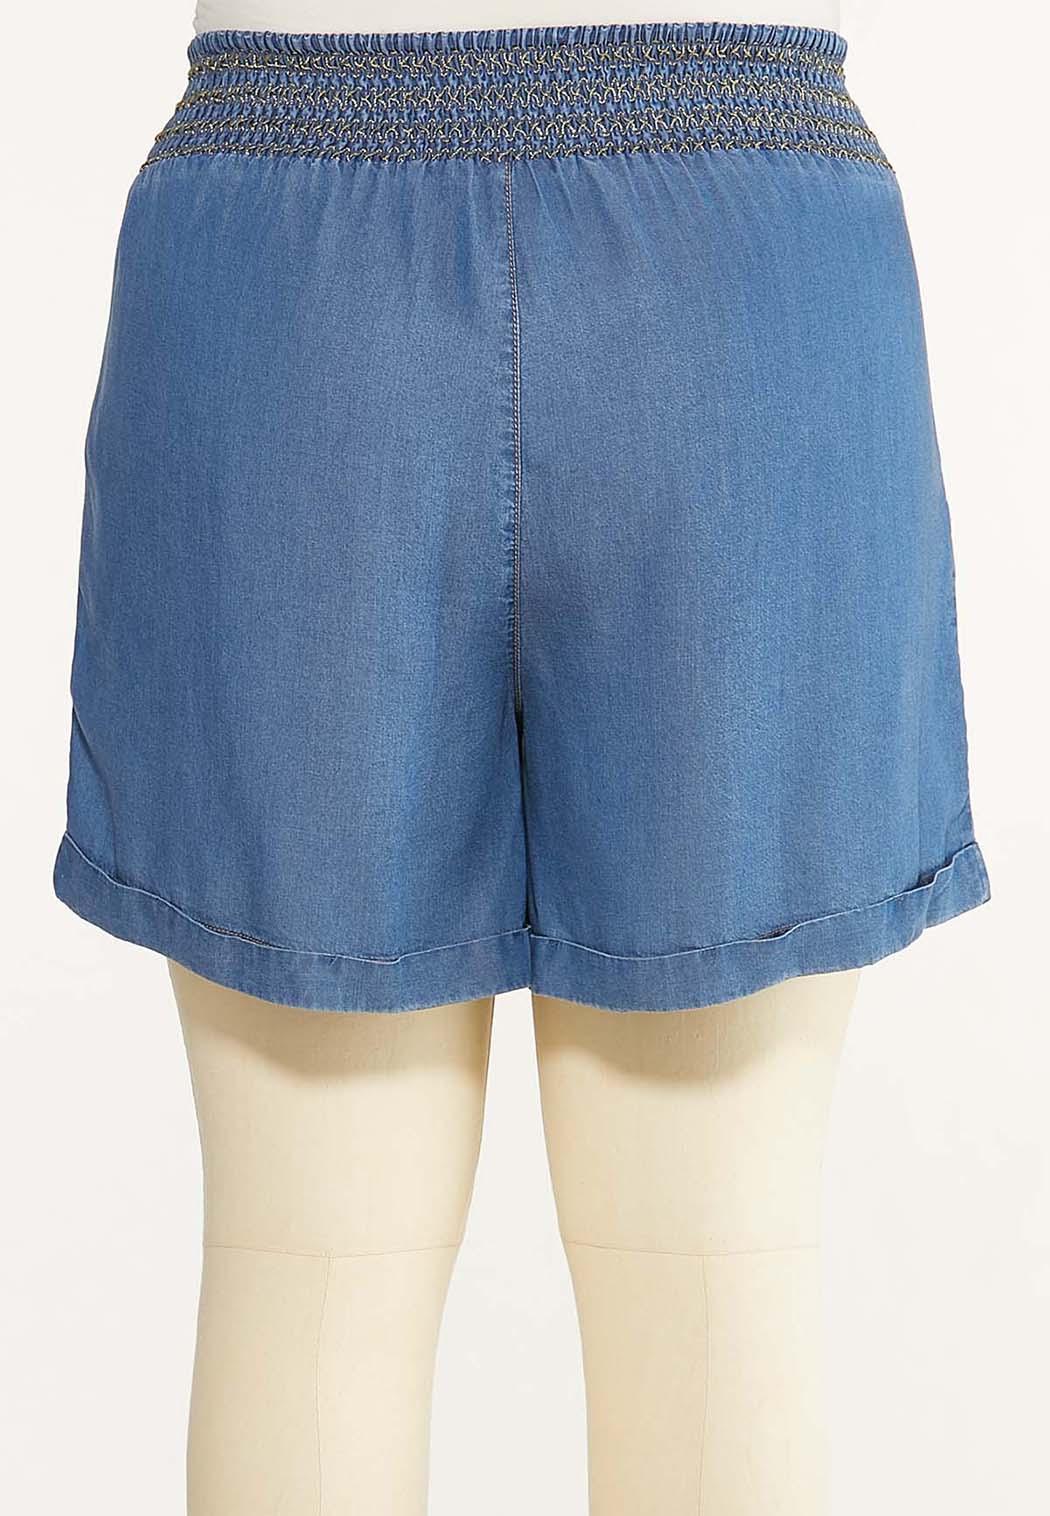 Plus Size Smocked Chambray Shorts (Item #44606095)